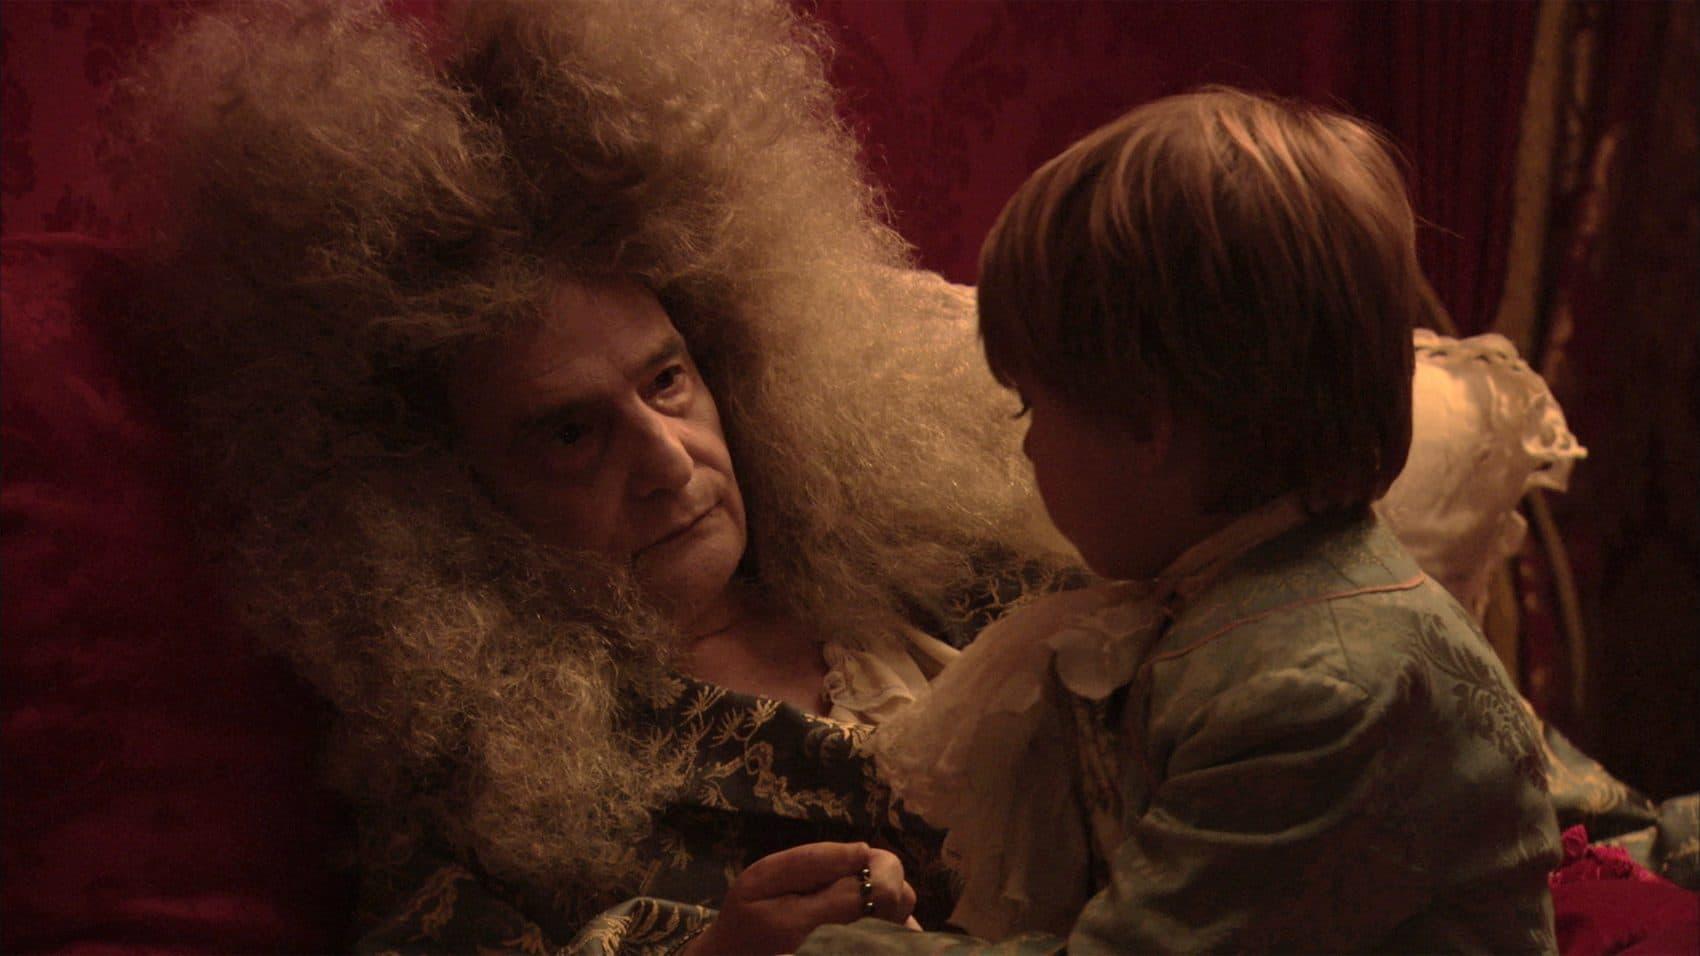 """Jean-Pierre Léaud as King Louis XIV in Albert Serra's """"The Death of Louis XIV."""" (Courtesy Cinema Guild)"""